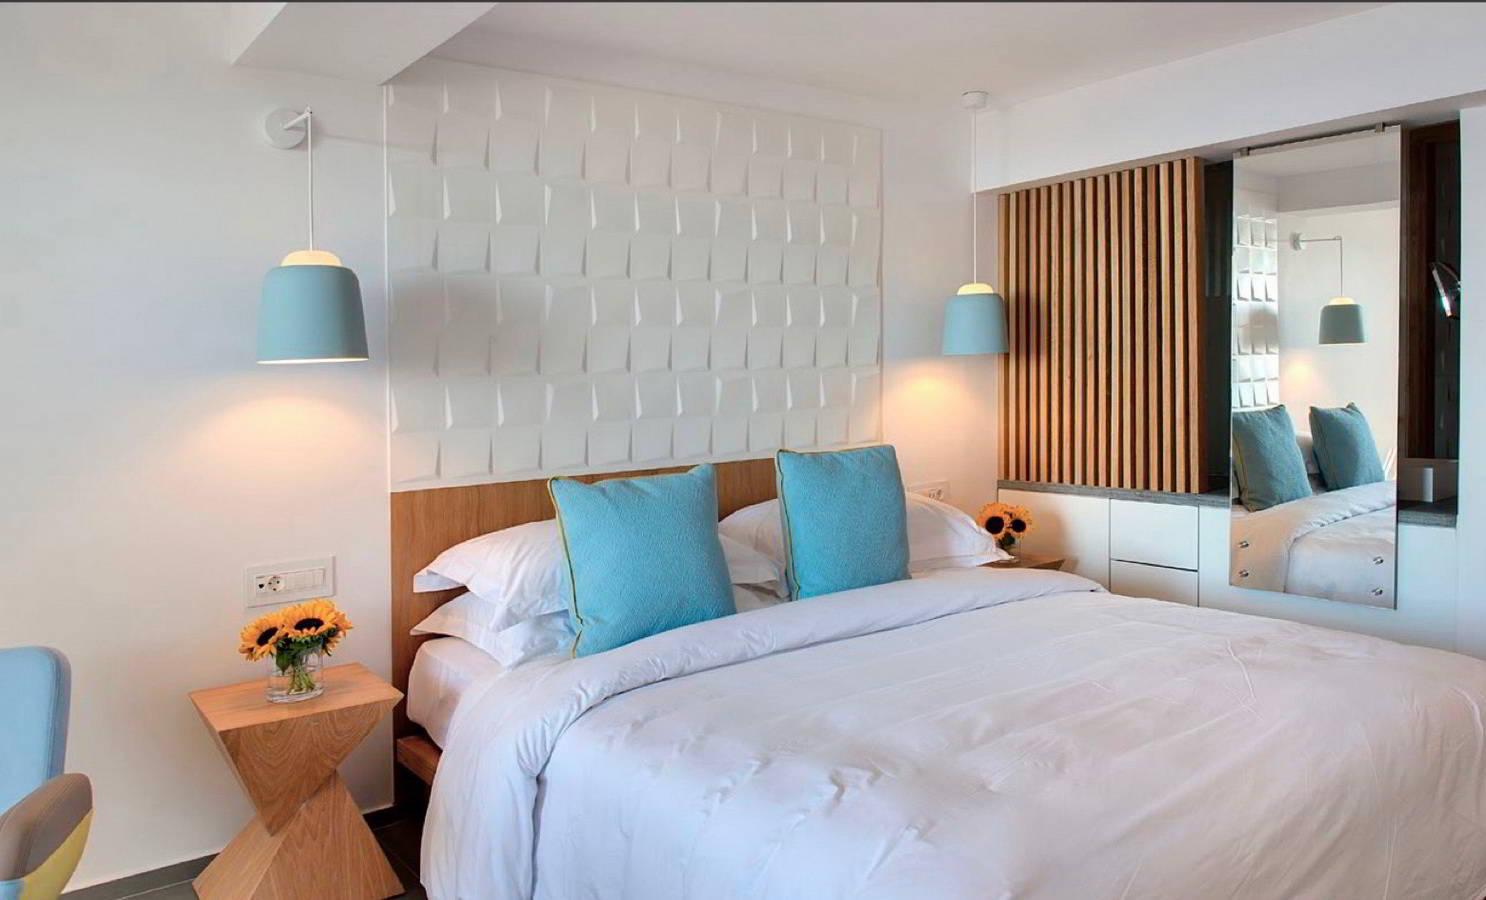 mykonian-k-hotels_styling_hara-kontaxaki_14